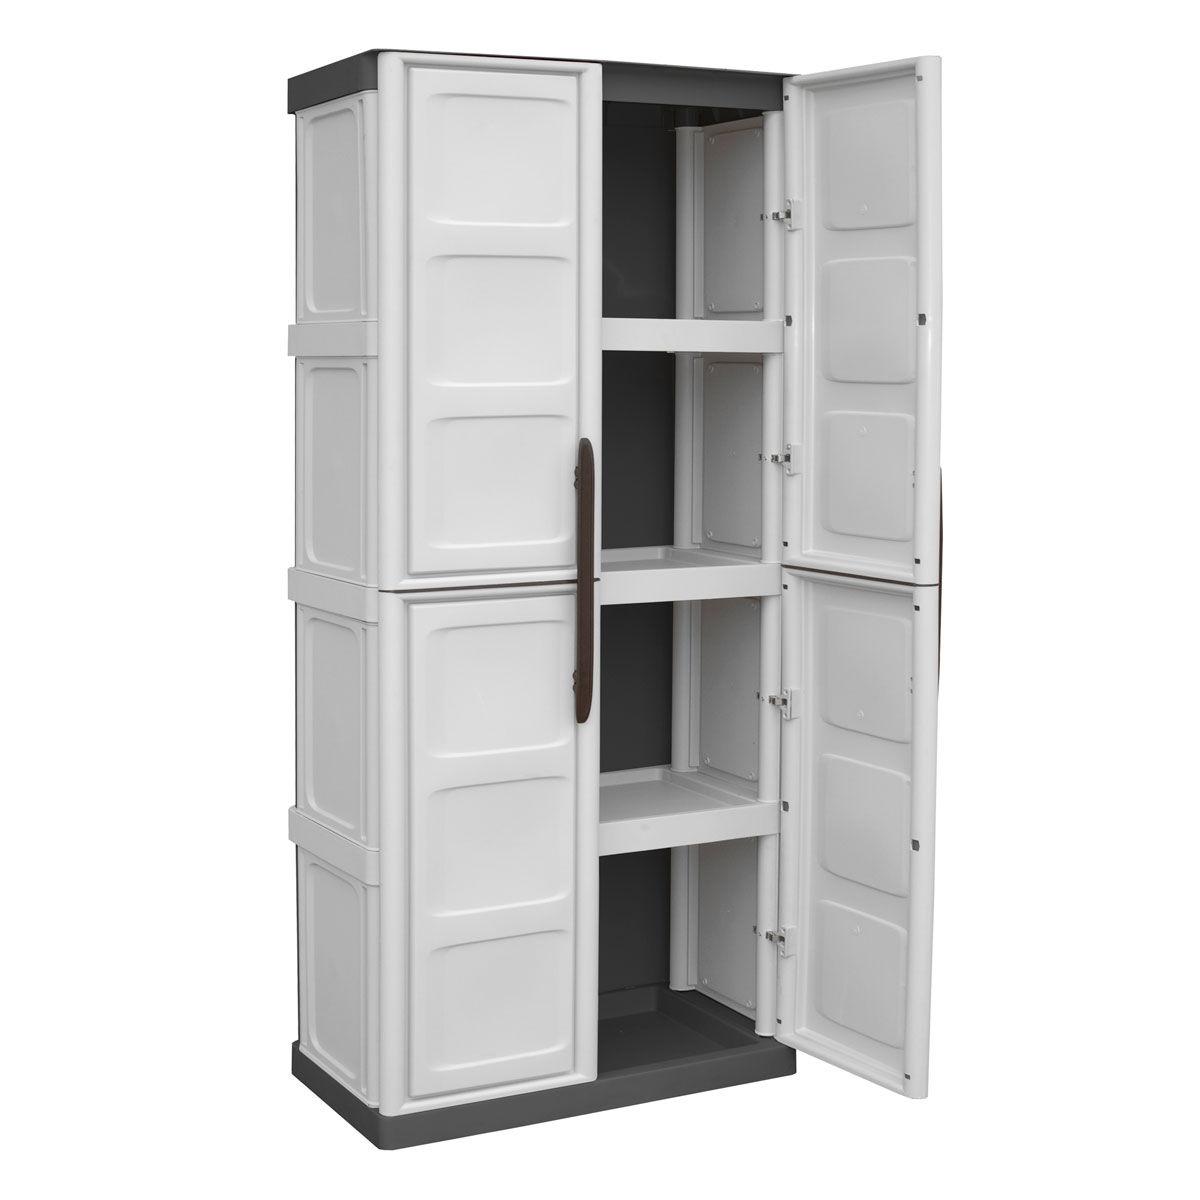 armarios de pl stico modulares ForArmario Para Jardin Plastico